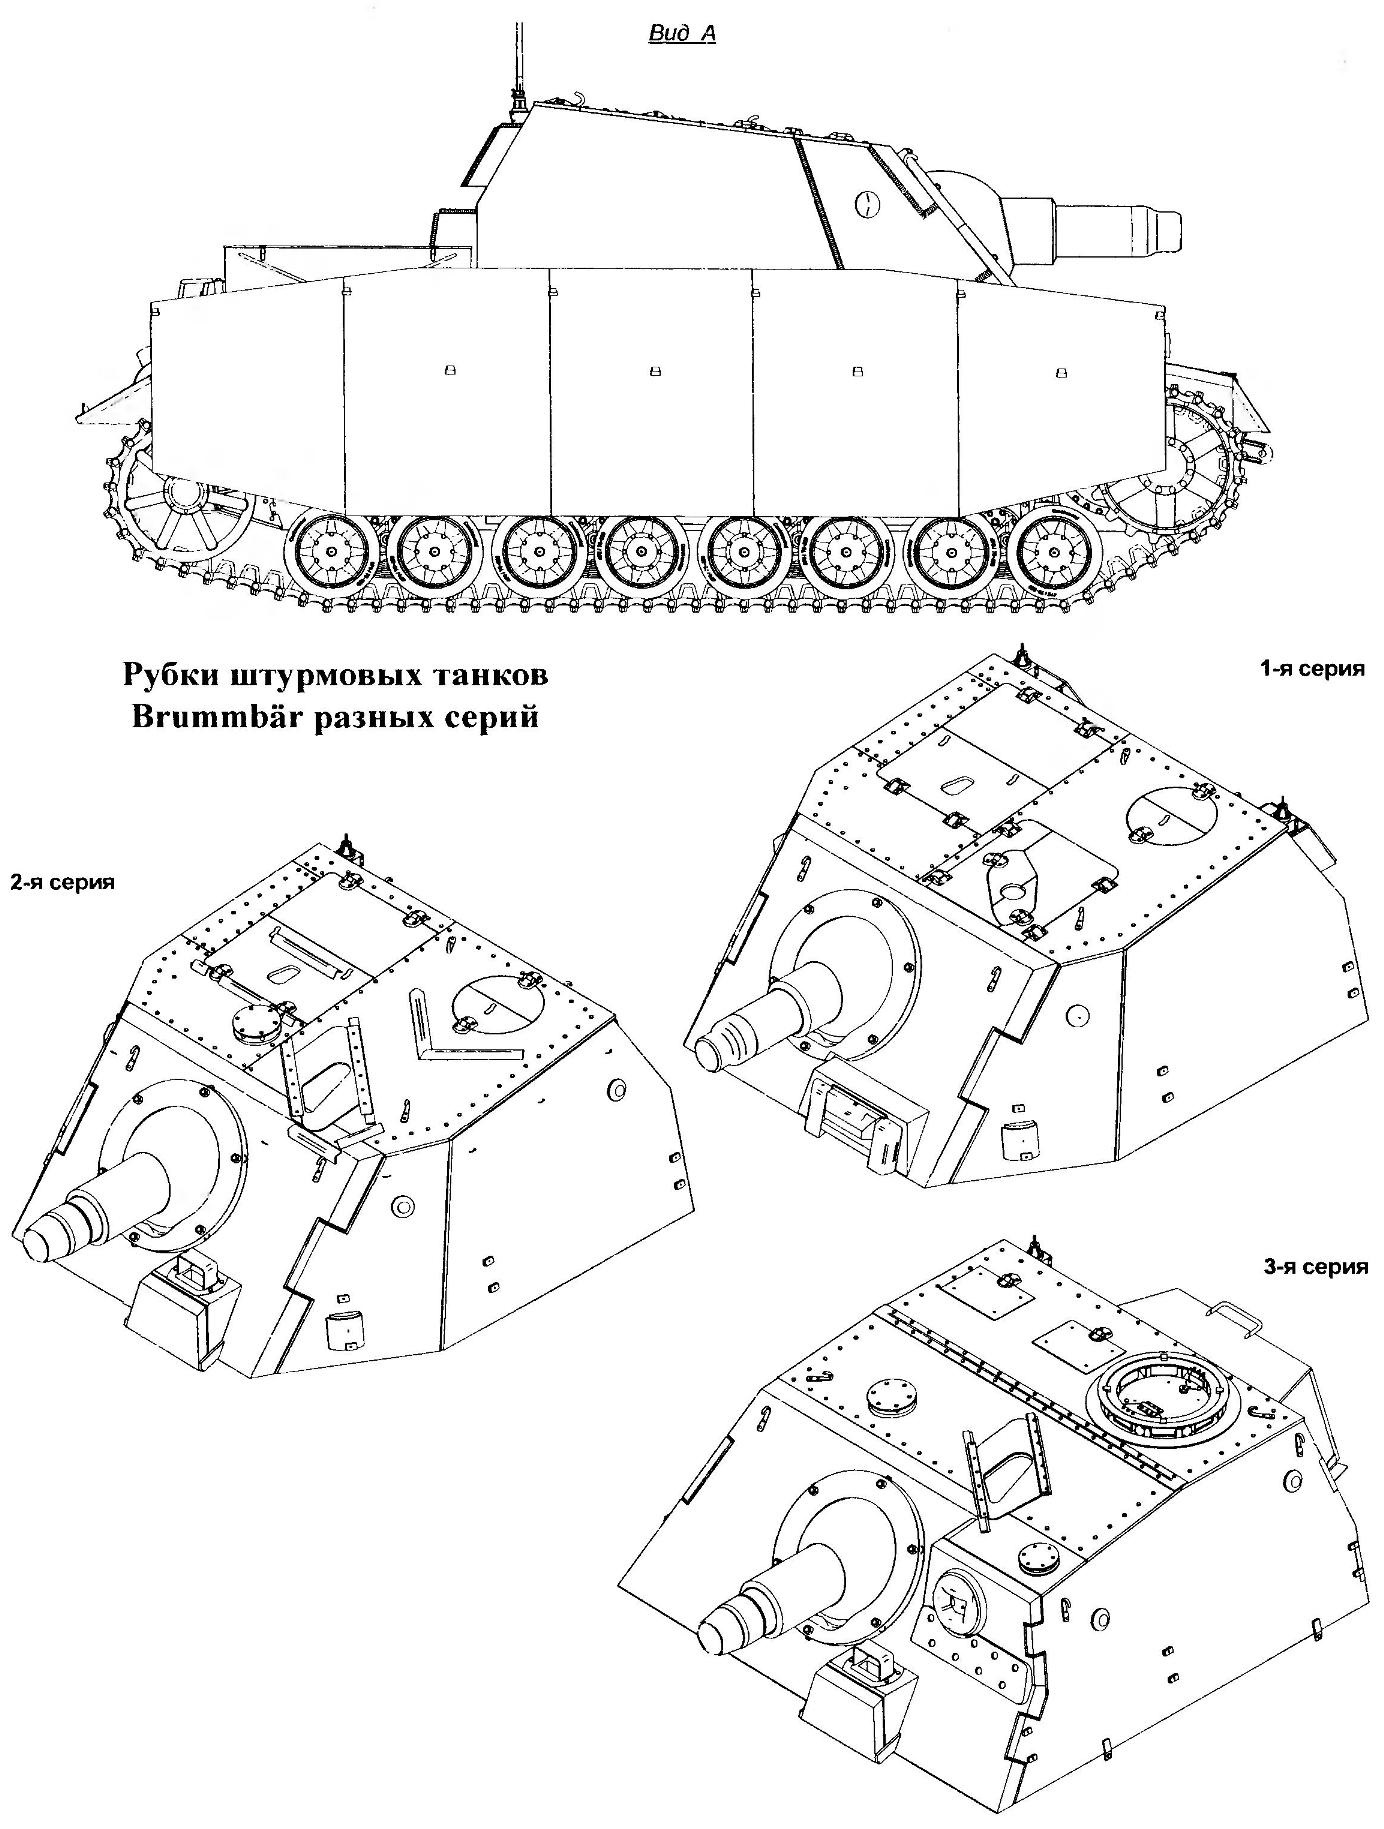 Рубки штурмовых танков Brummbär разных серий